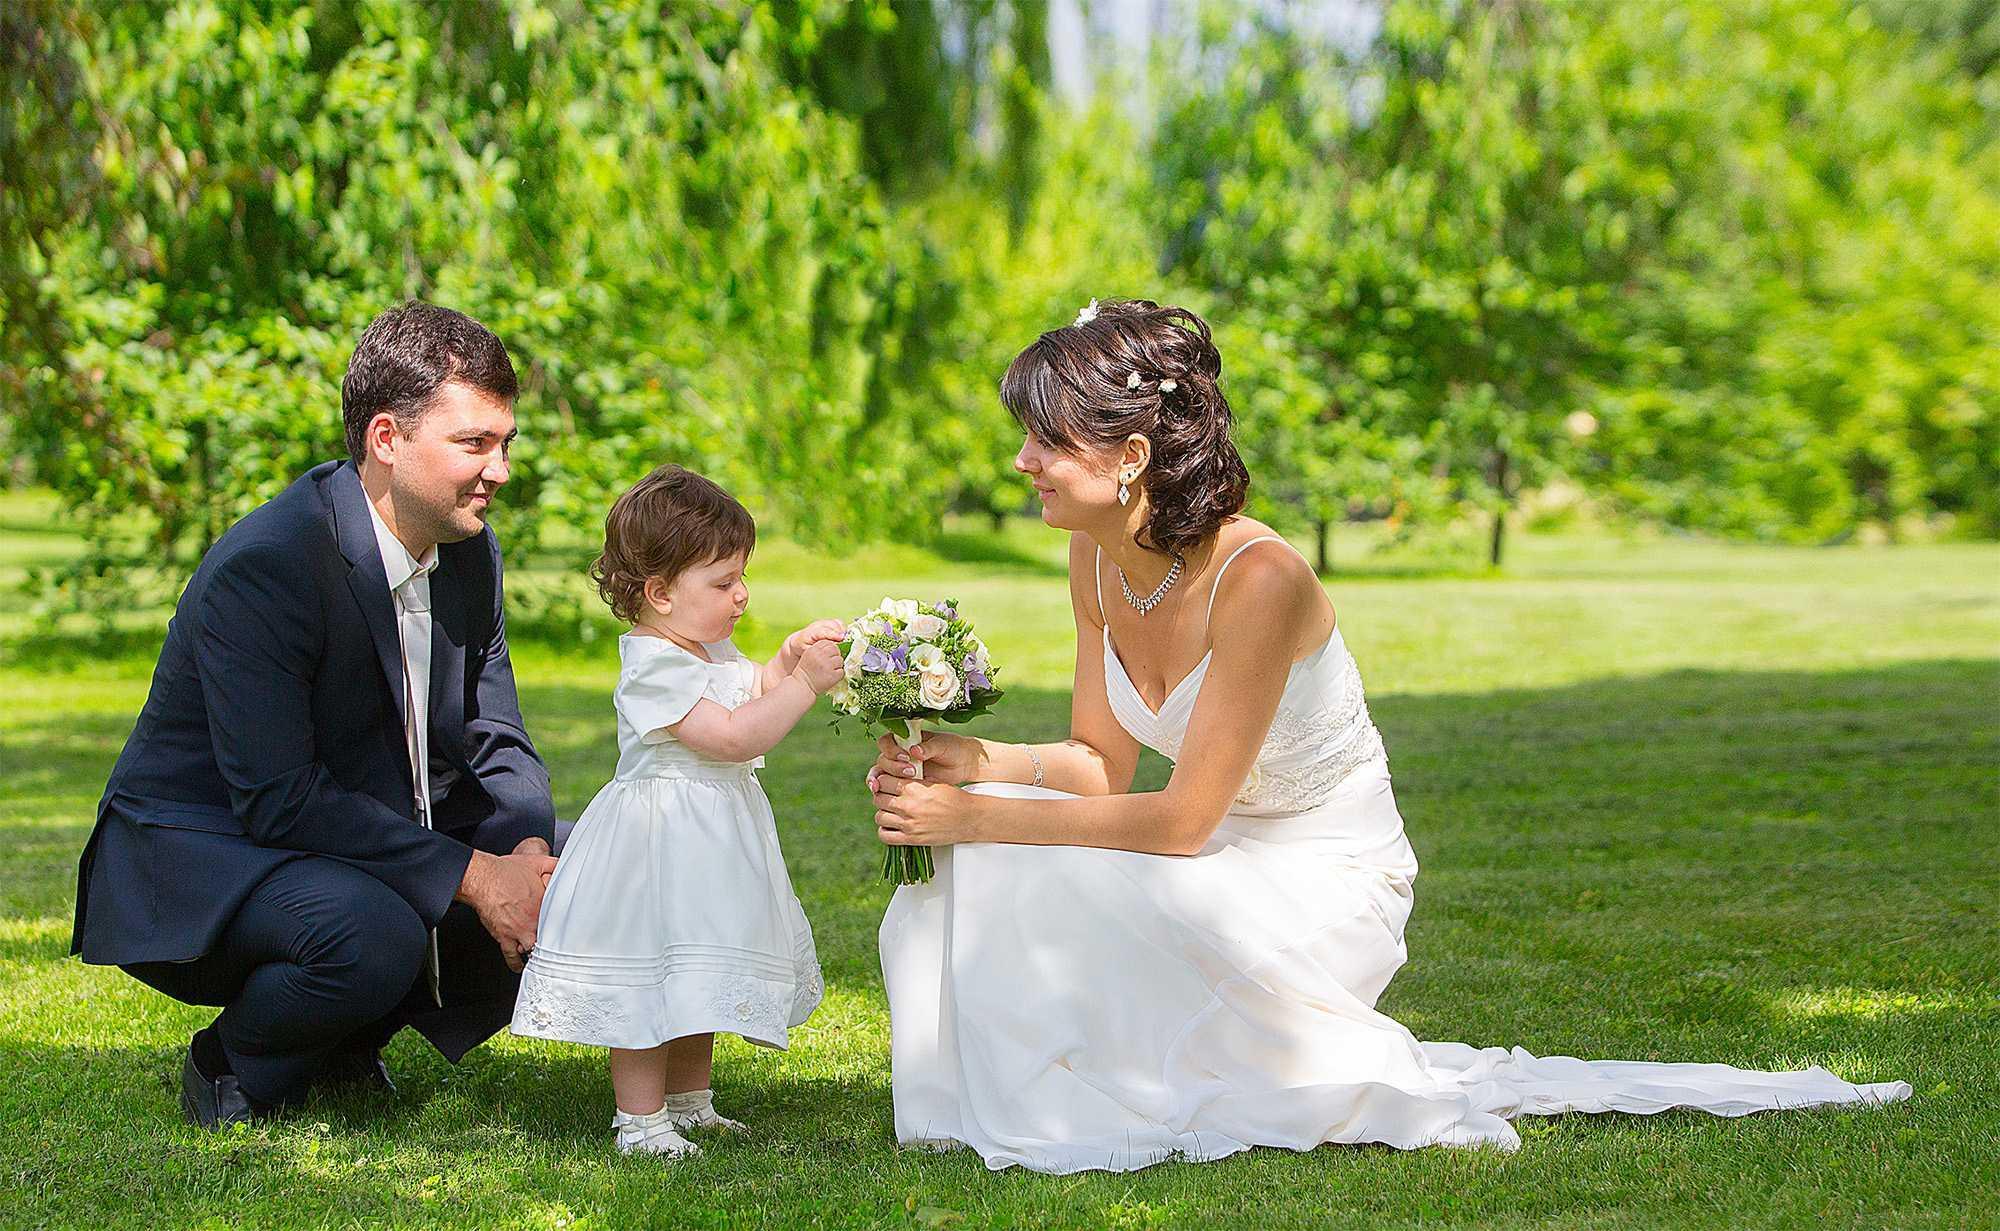 тысячелетиями создавала обычные свадебные фото эволюционирует настолько